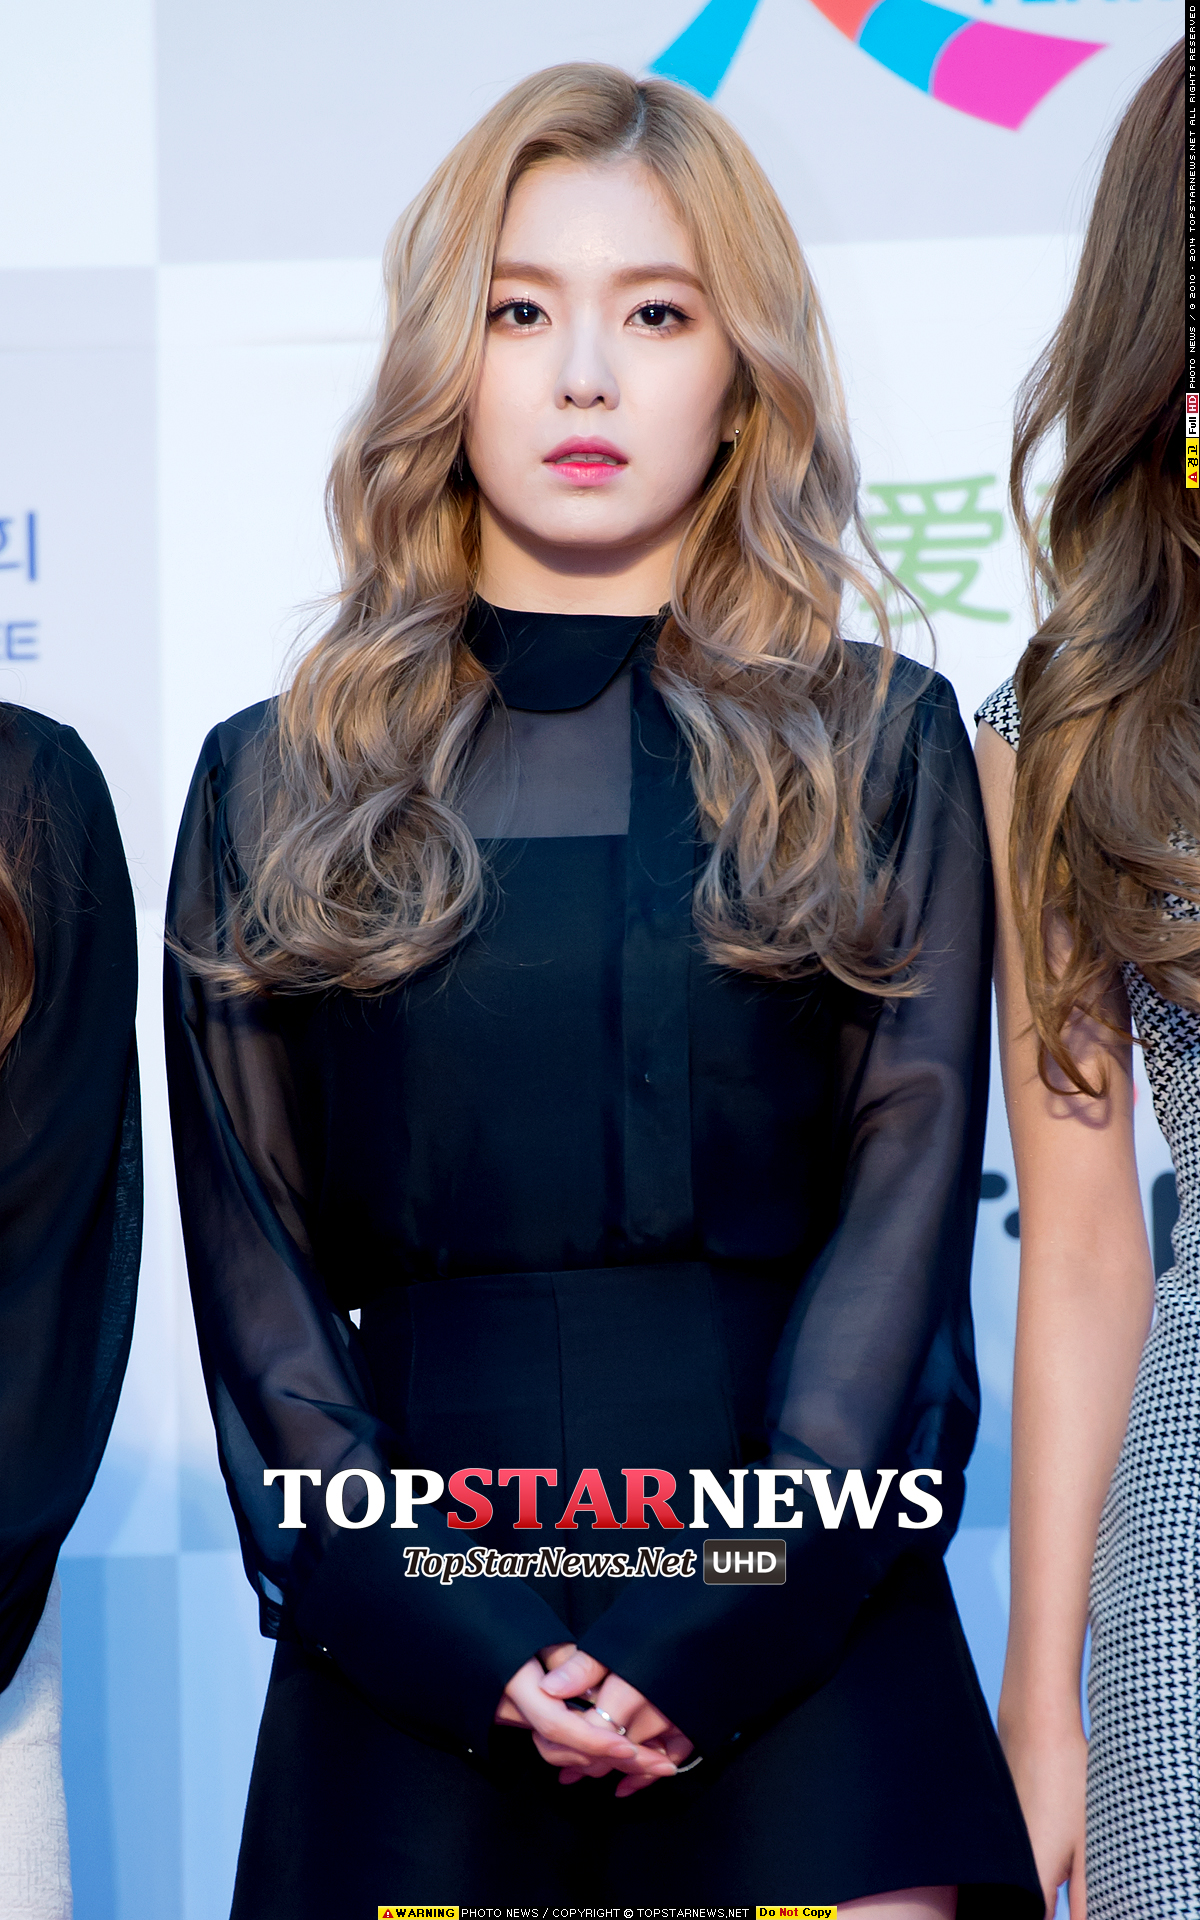 今天的主角是SM女團Red Velvet的隊長,Irene,本名裴柱現